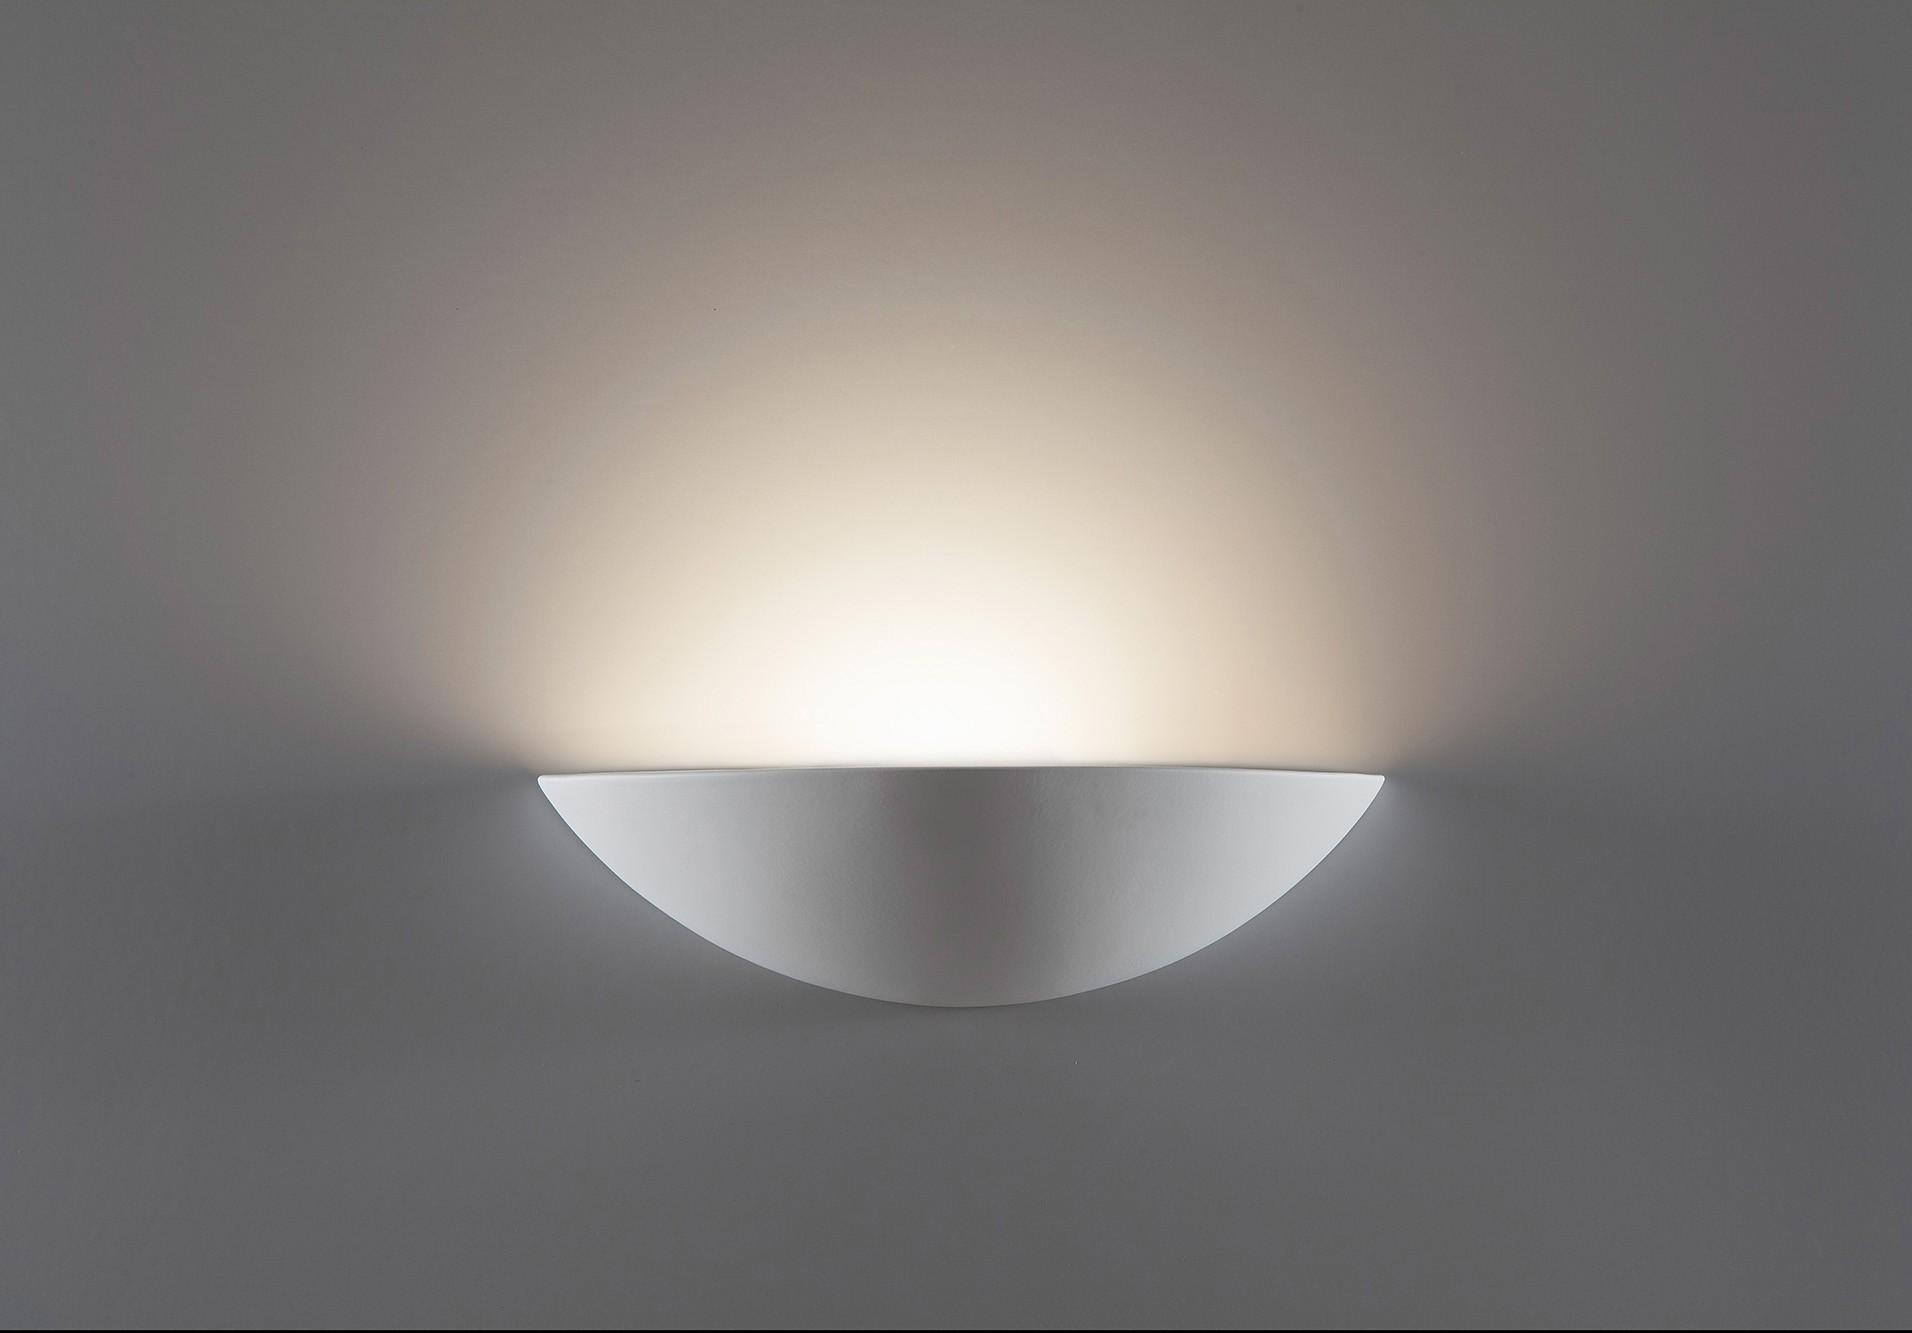 Applique in gesso belfiore 8914c lampada da soffitto cristaly di